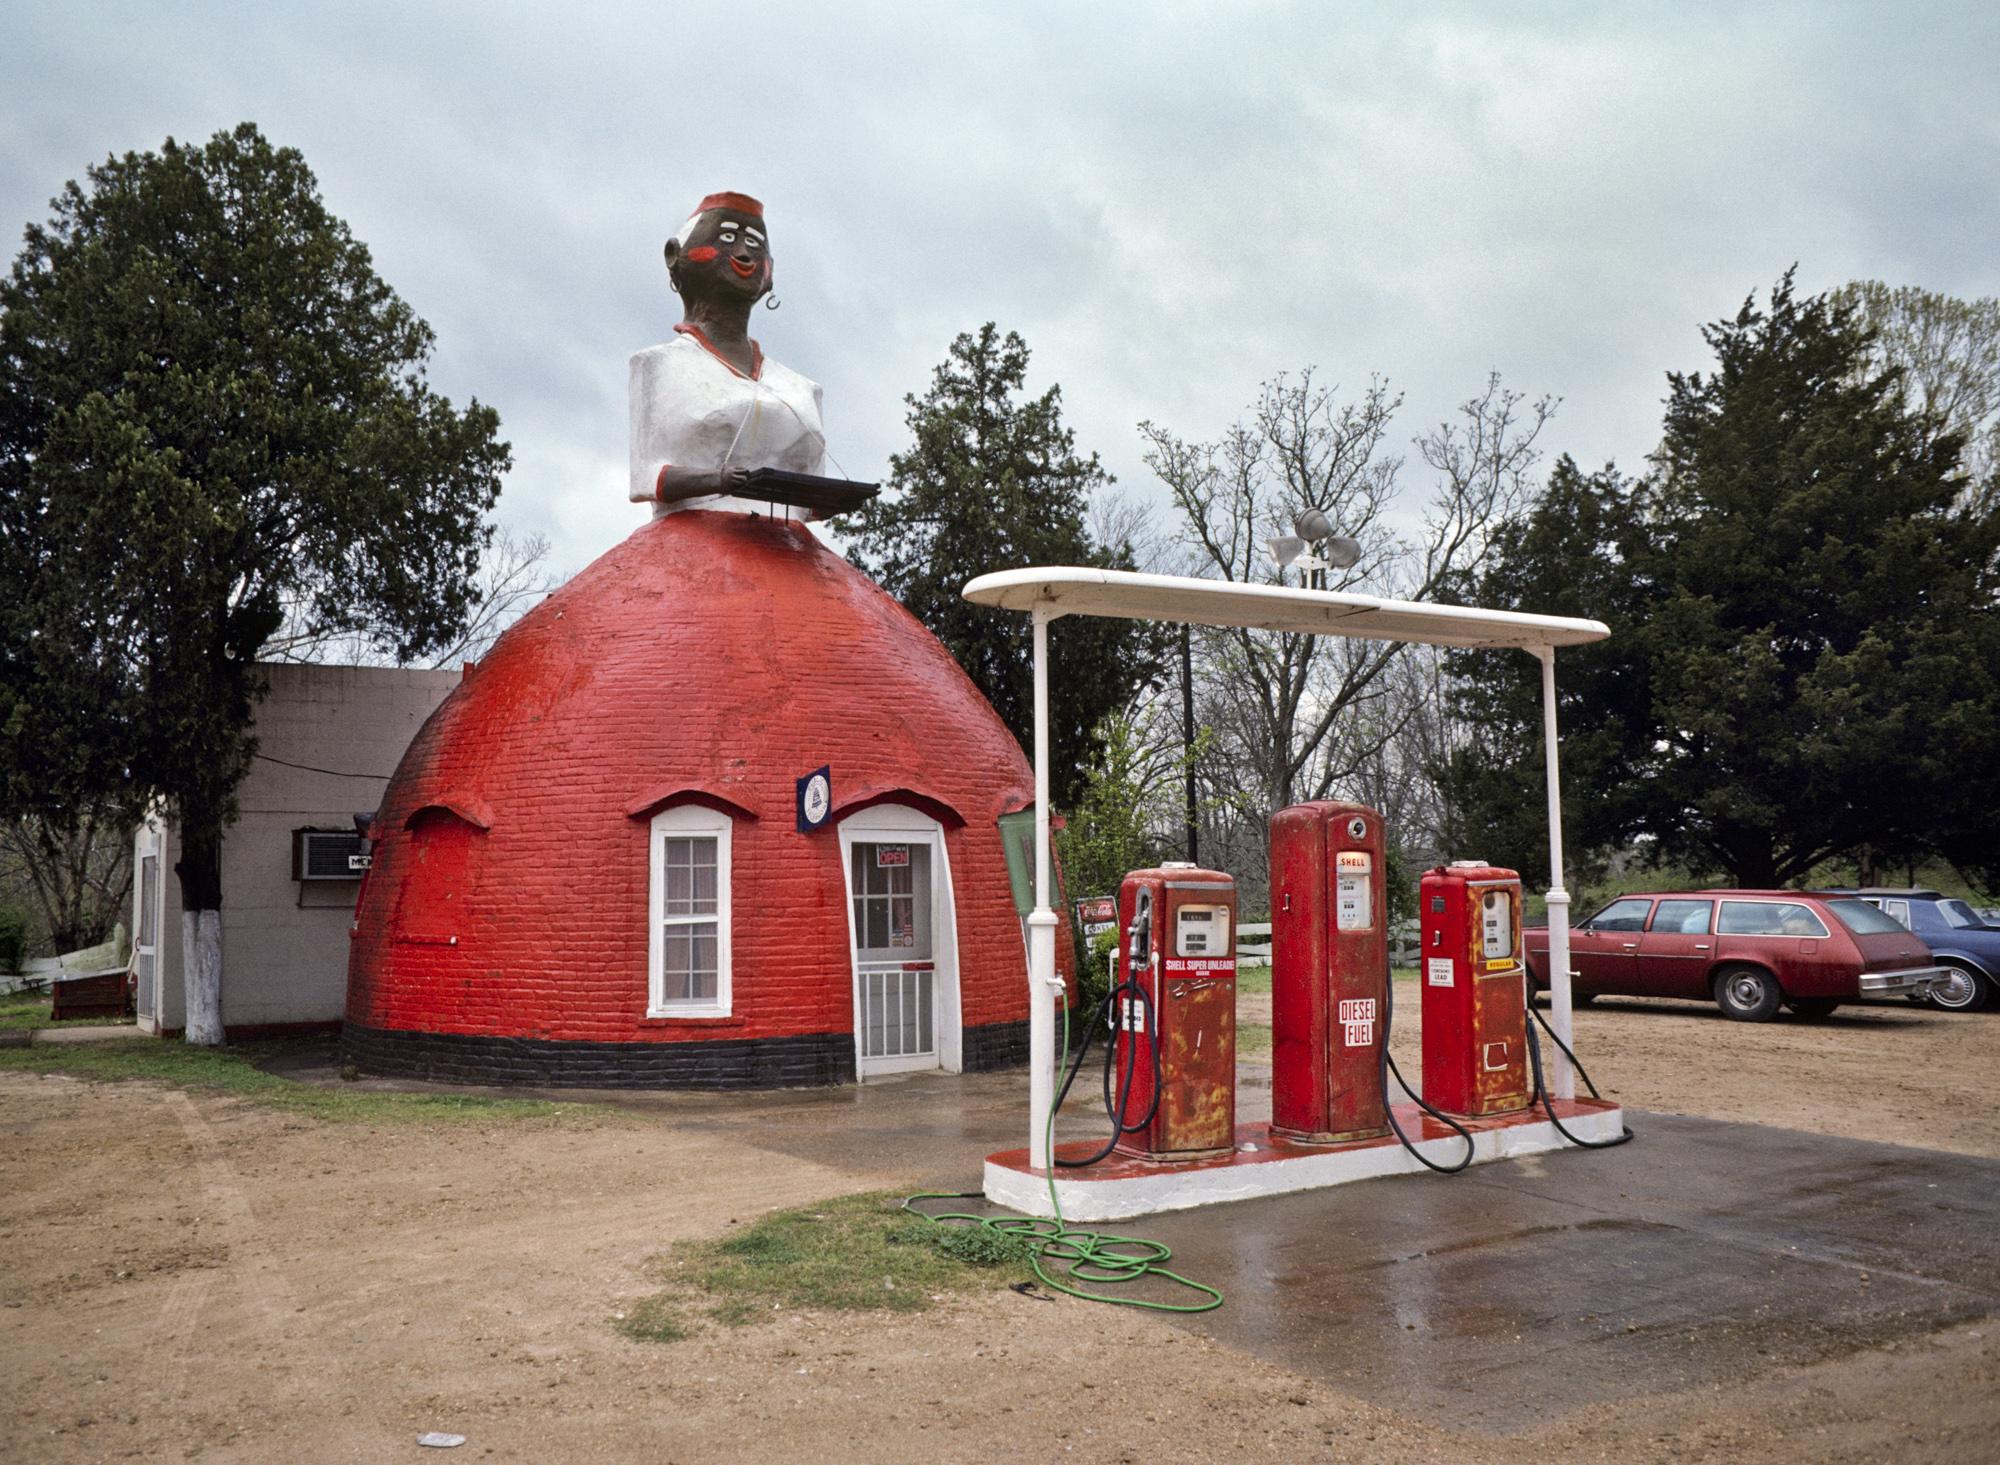 Natchez, Mississippi 1973